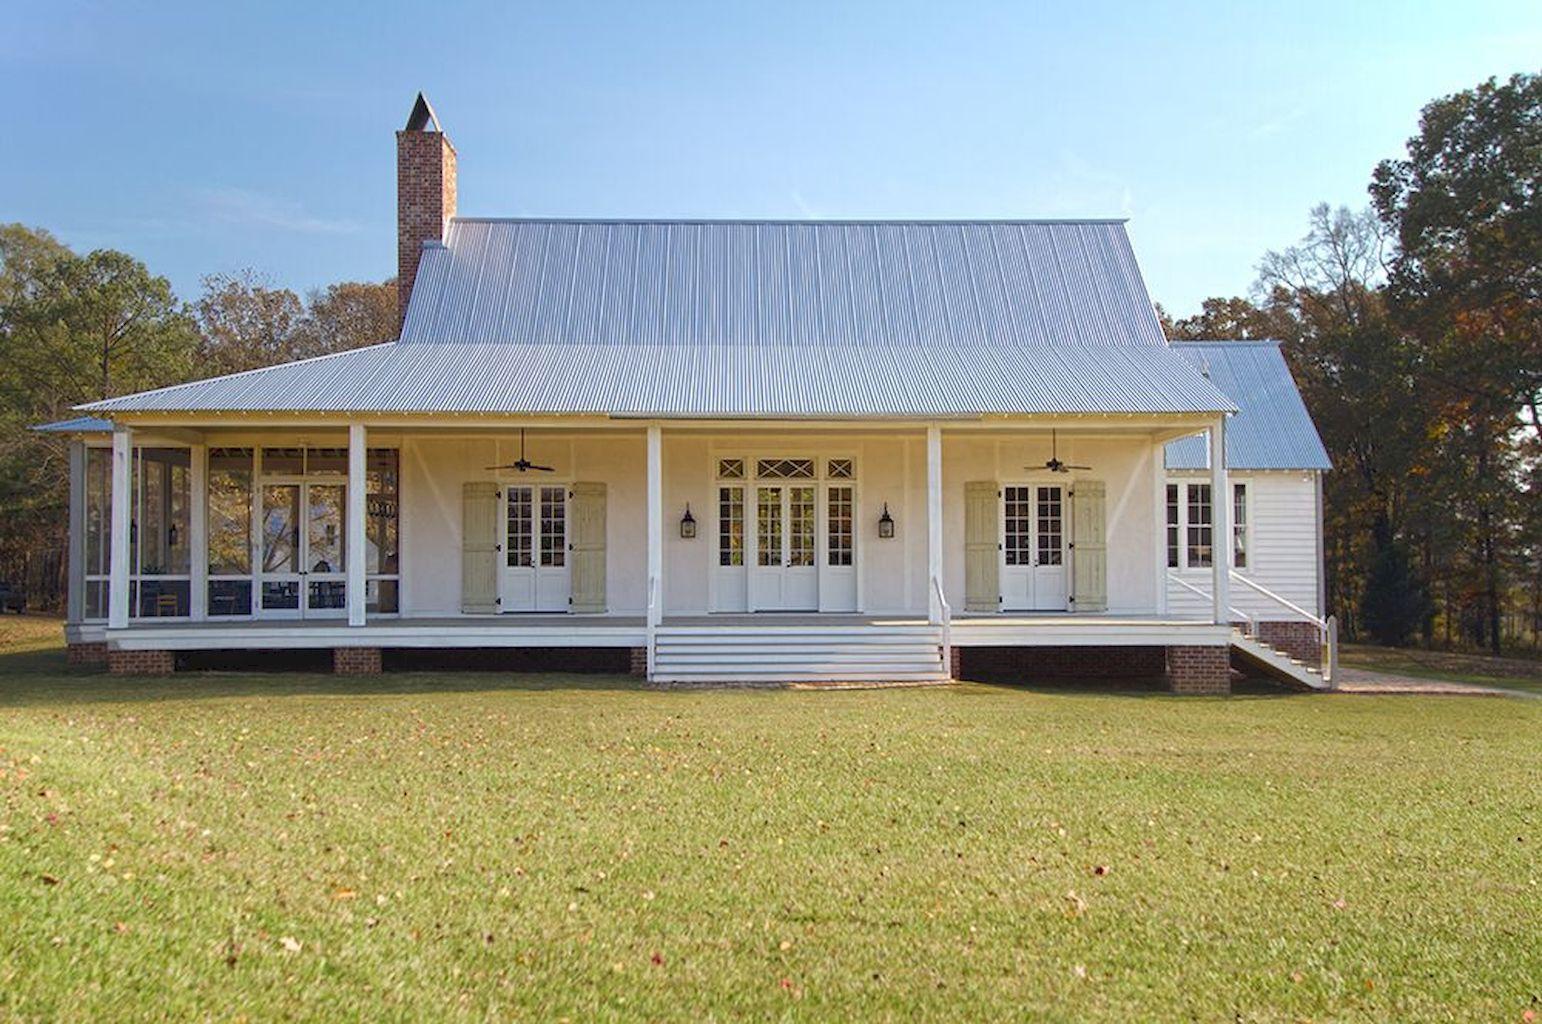 55 Farmhouse Front Porch Decor Ideas Modern farmhouse